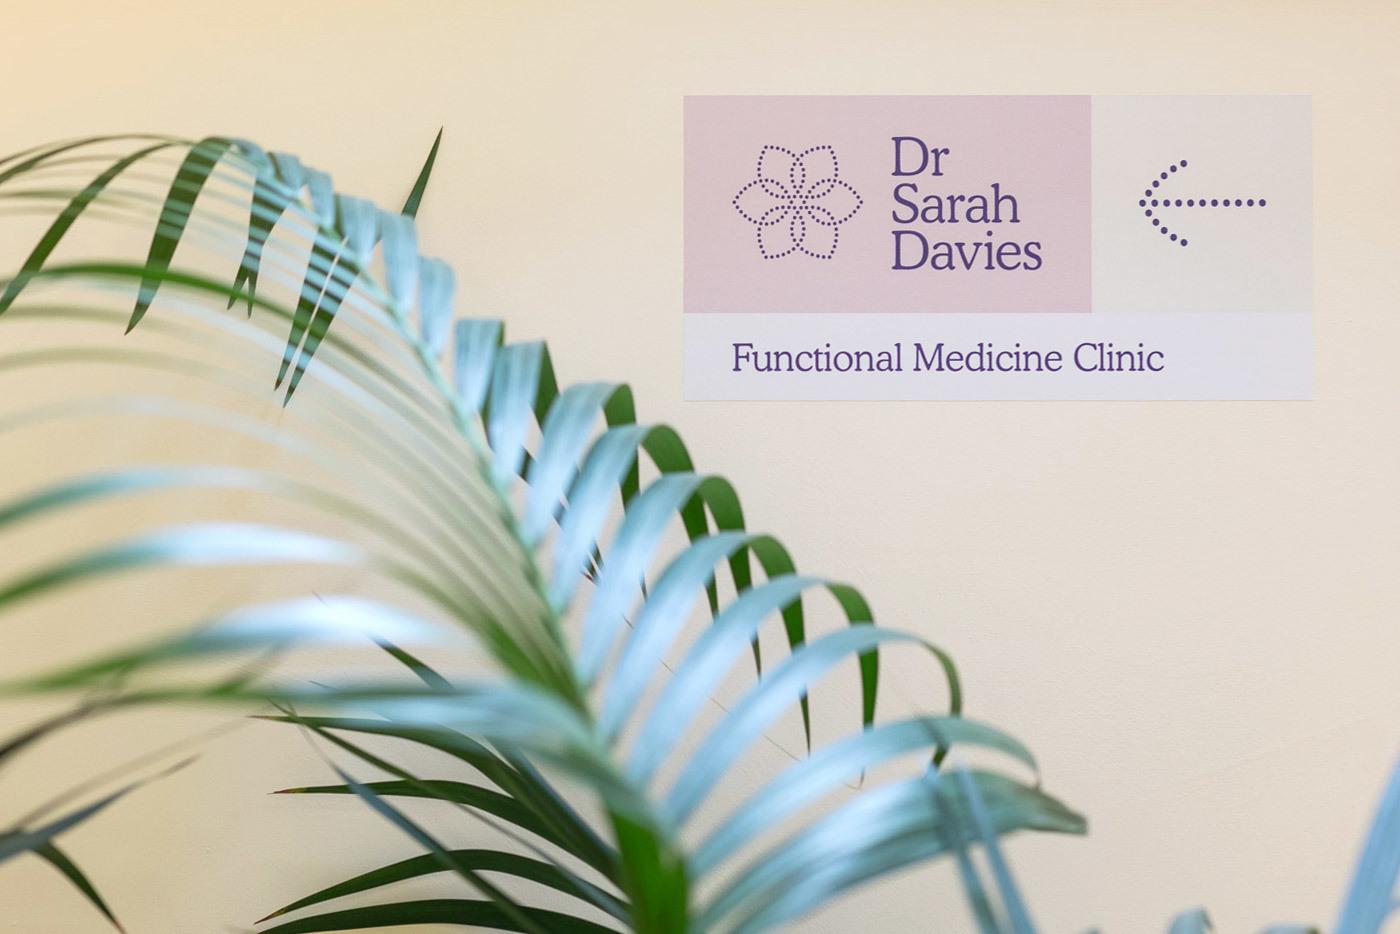 Dr Sarah Davies Wayfinding System